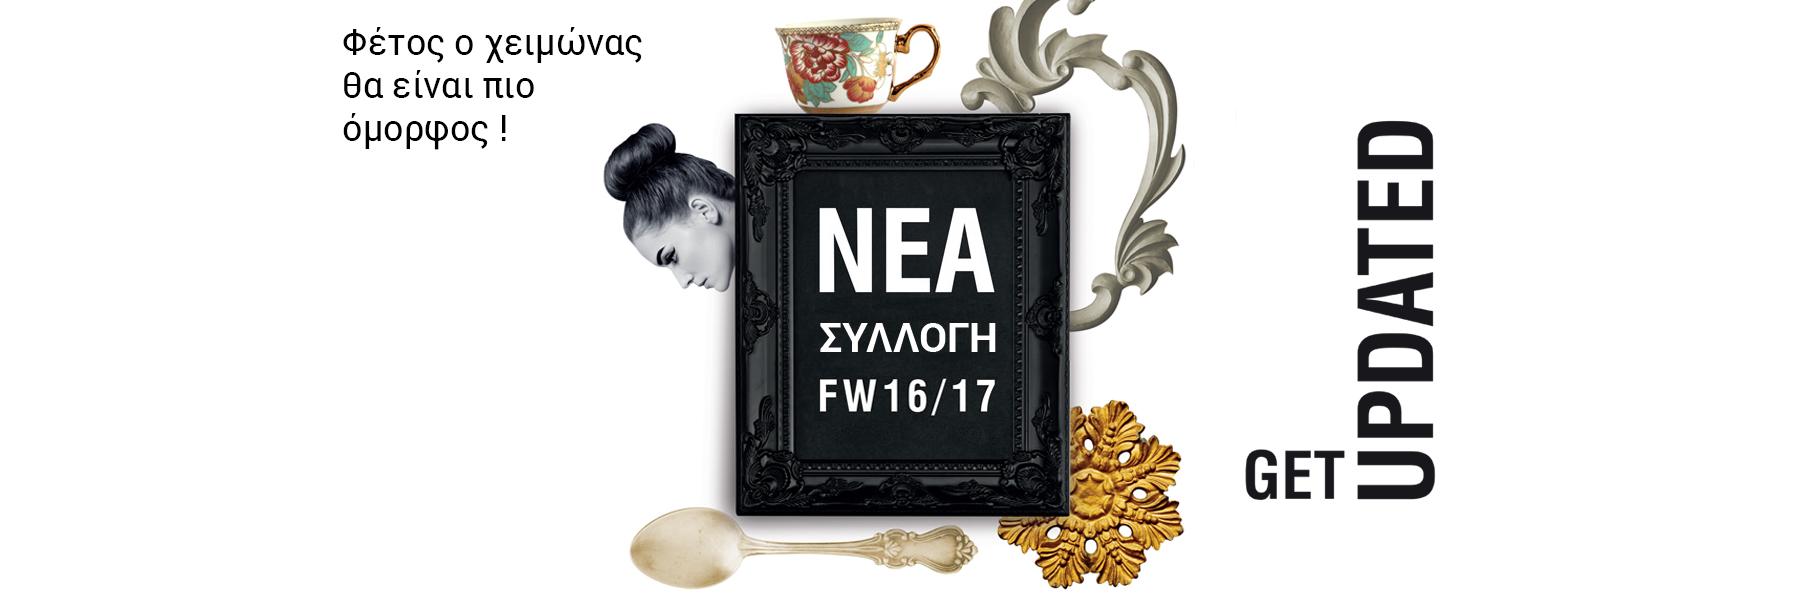 20-09-16_katalogos_1